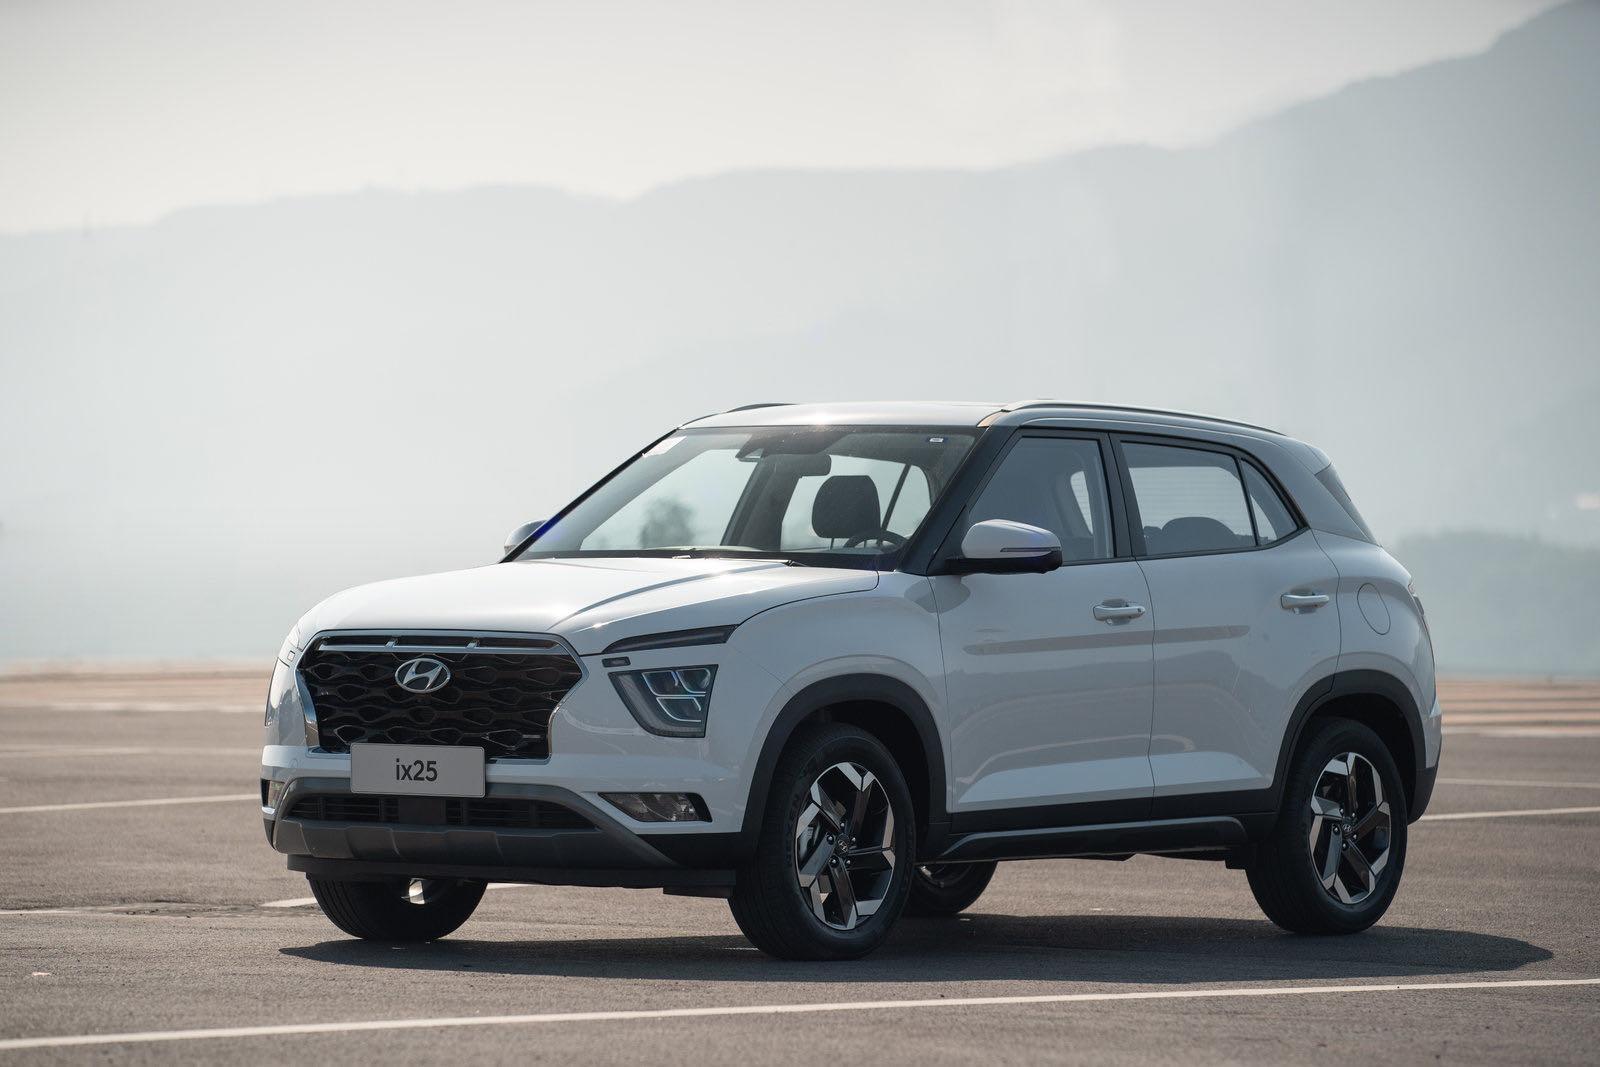 新一代ix25与新一代悦纳正式上市 北京现代重回销量高地新力作